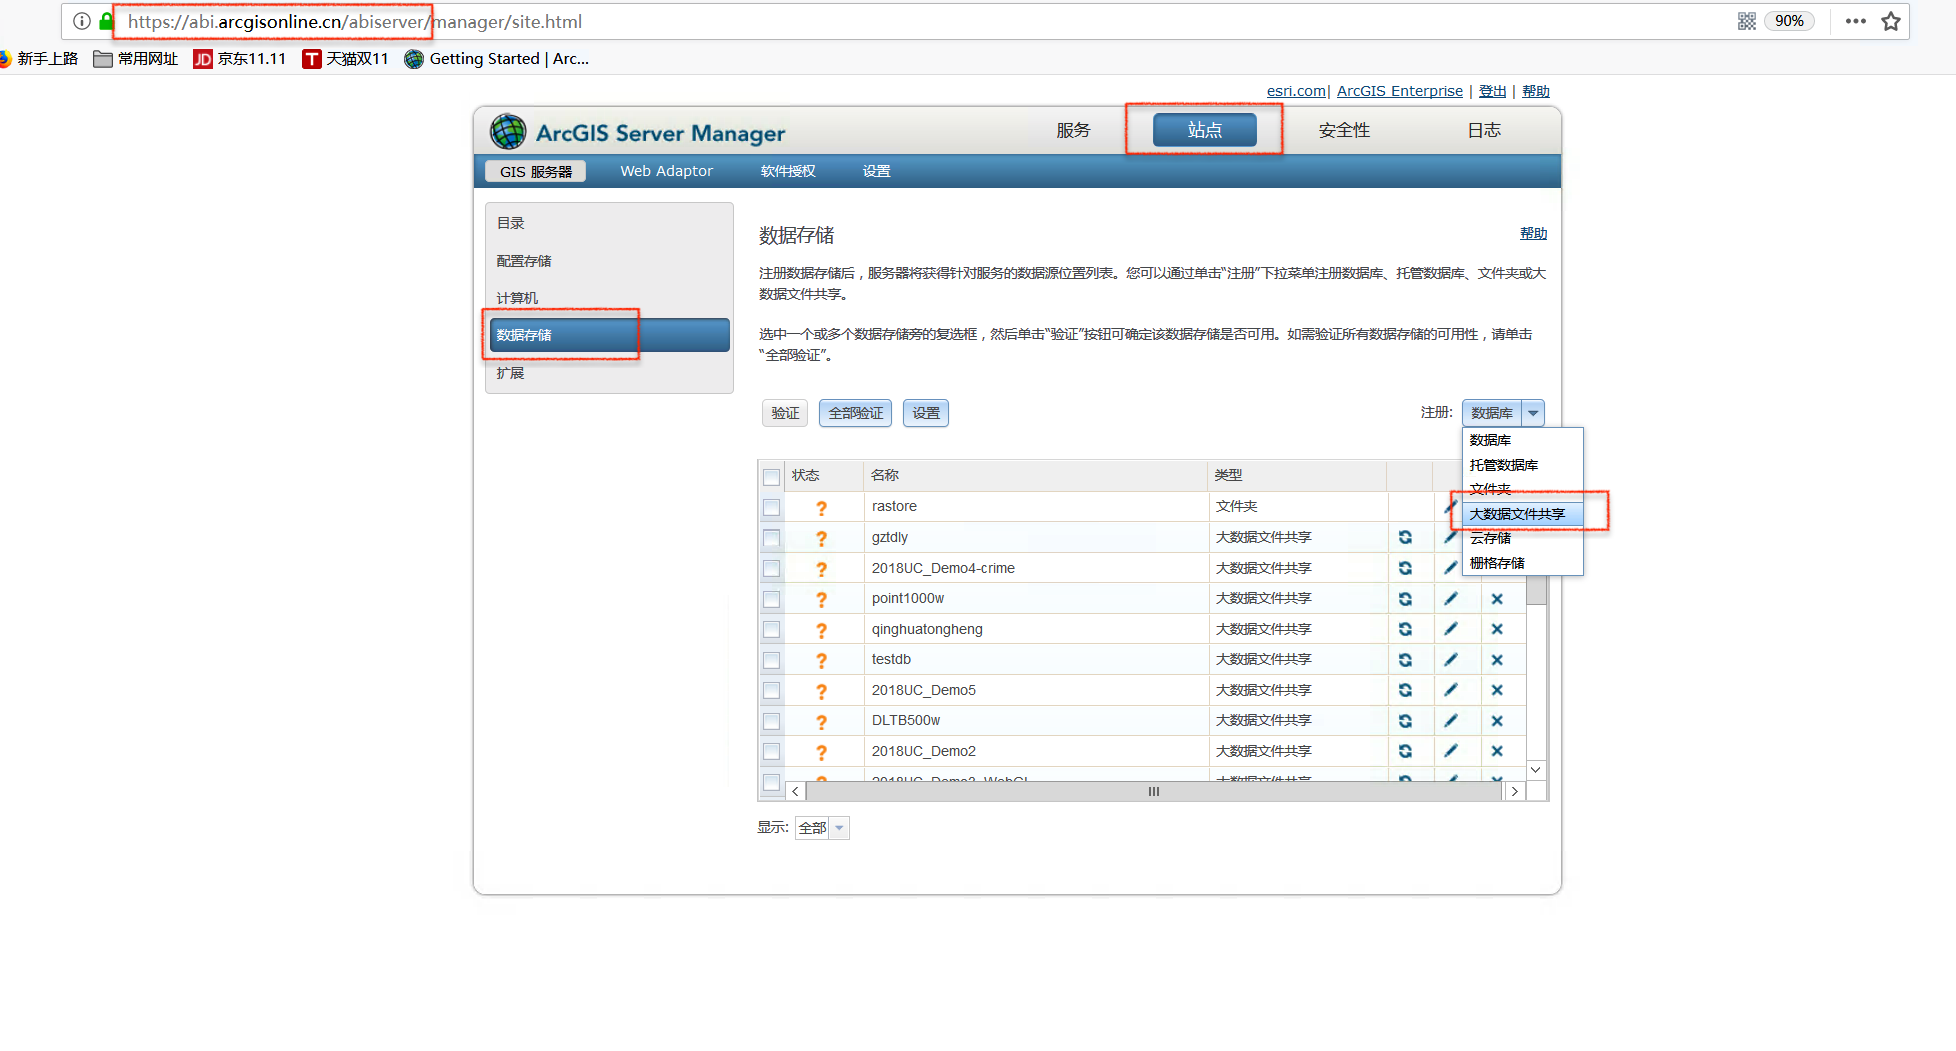 navigate_bigdata_register